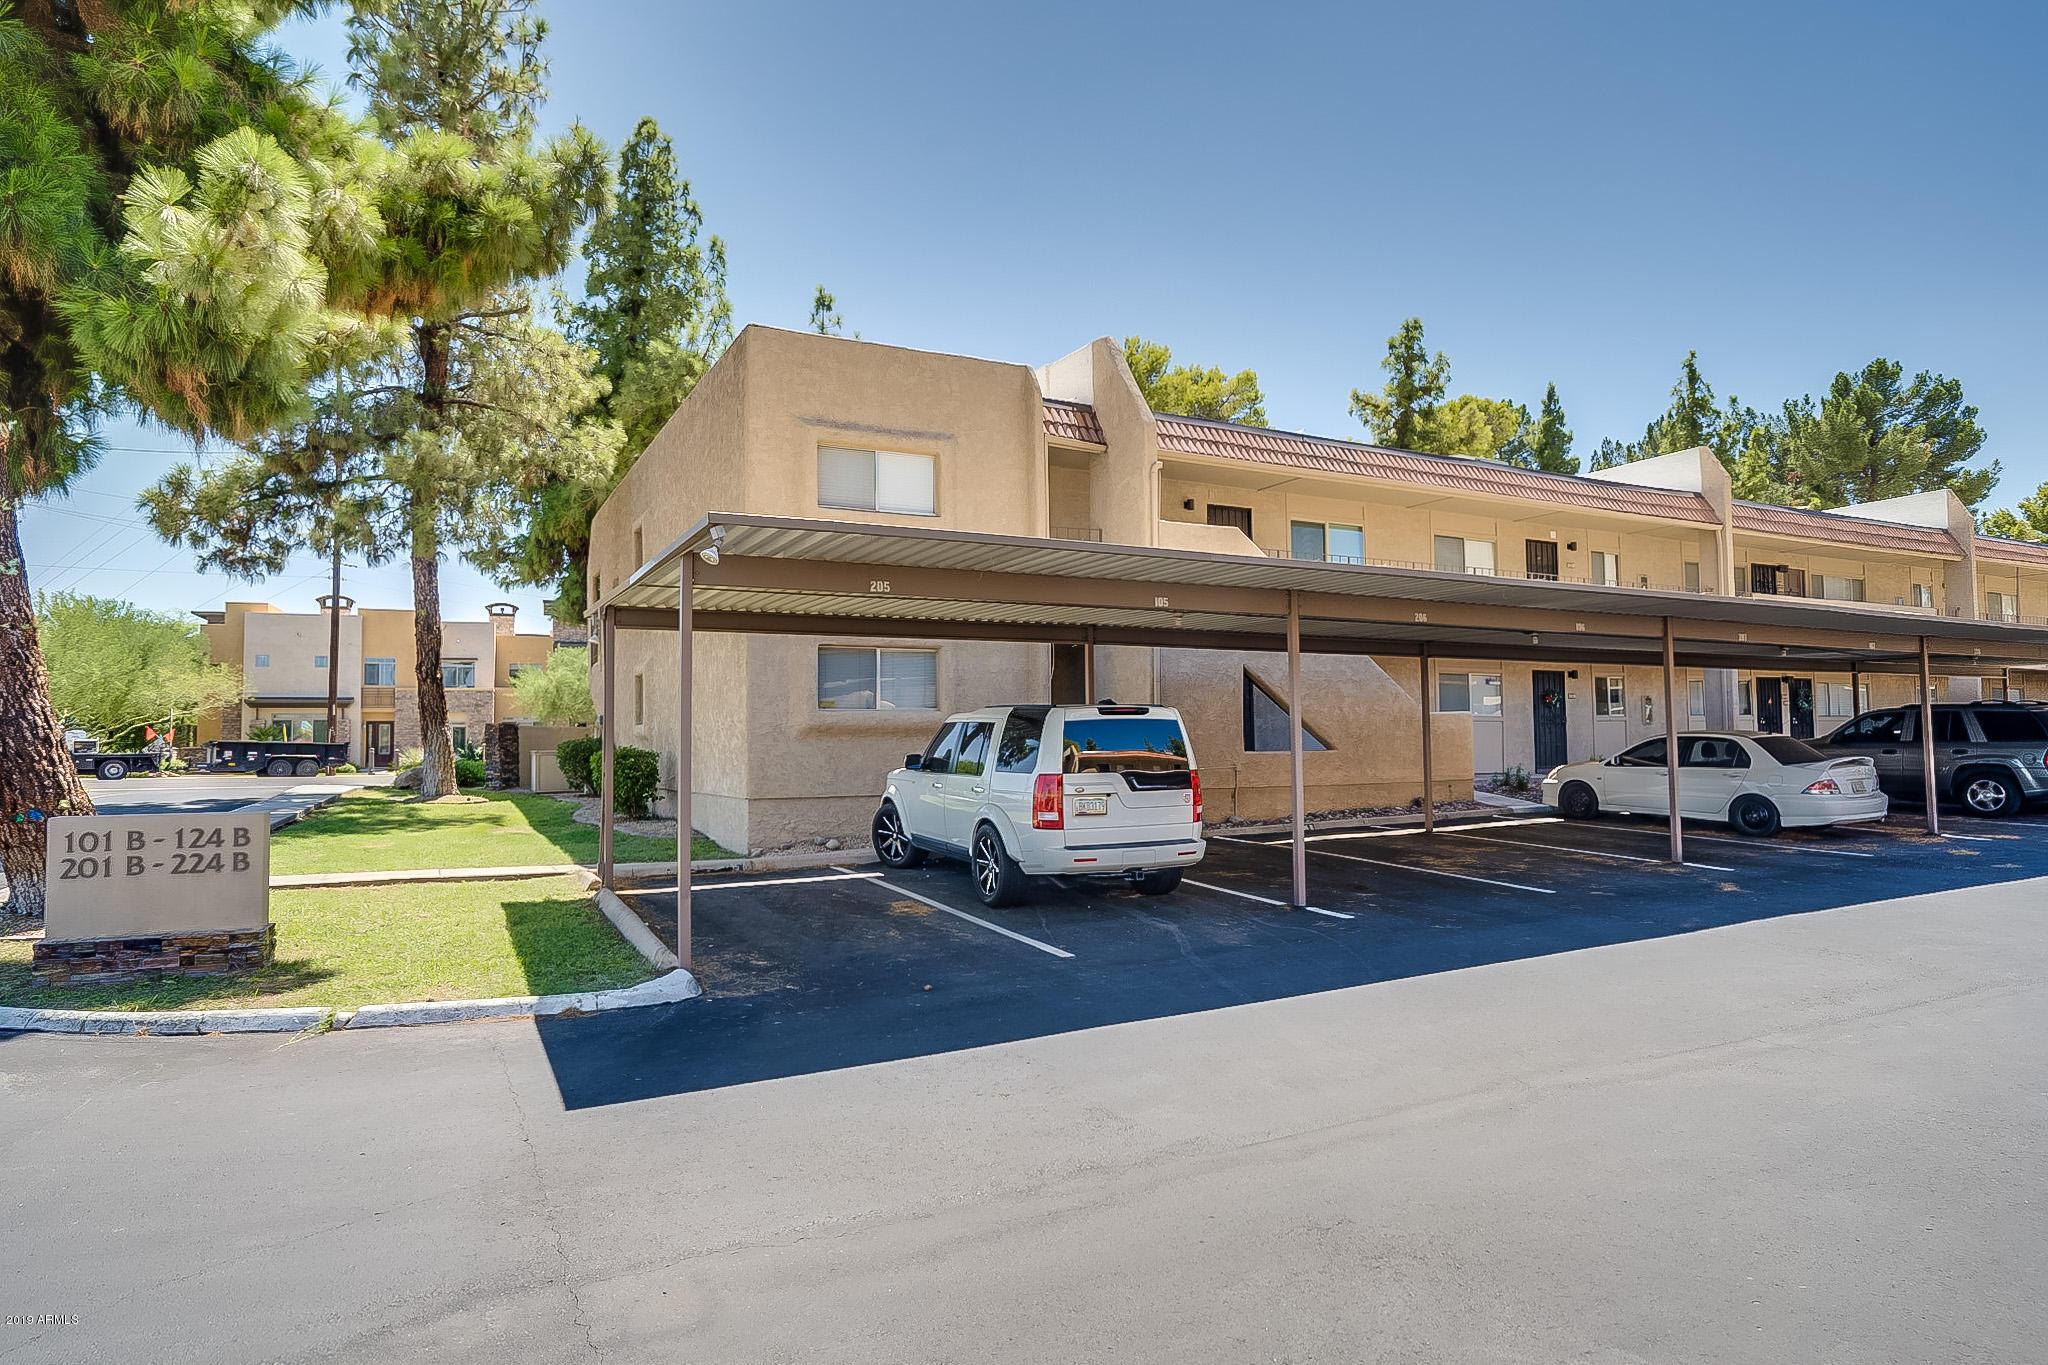 MLS 5965629 7436 E CHAPARRAL Road Unit B202 Building 16, Scottsdale, AZ 85250 Scottsdale AZ Winfield